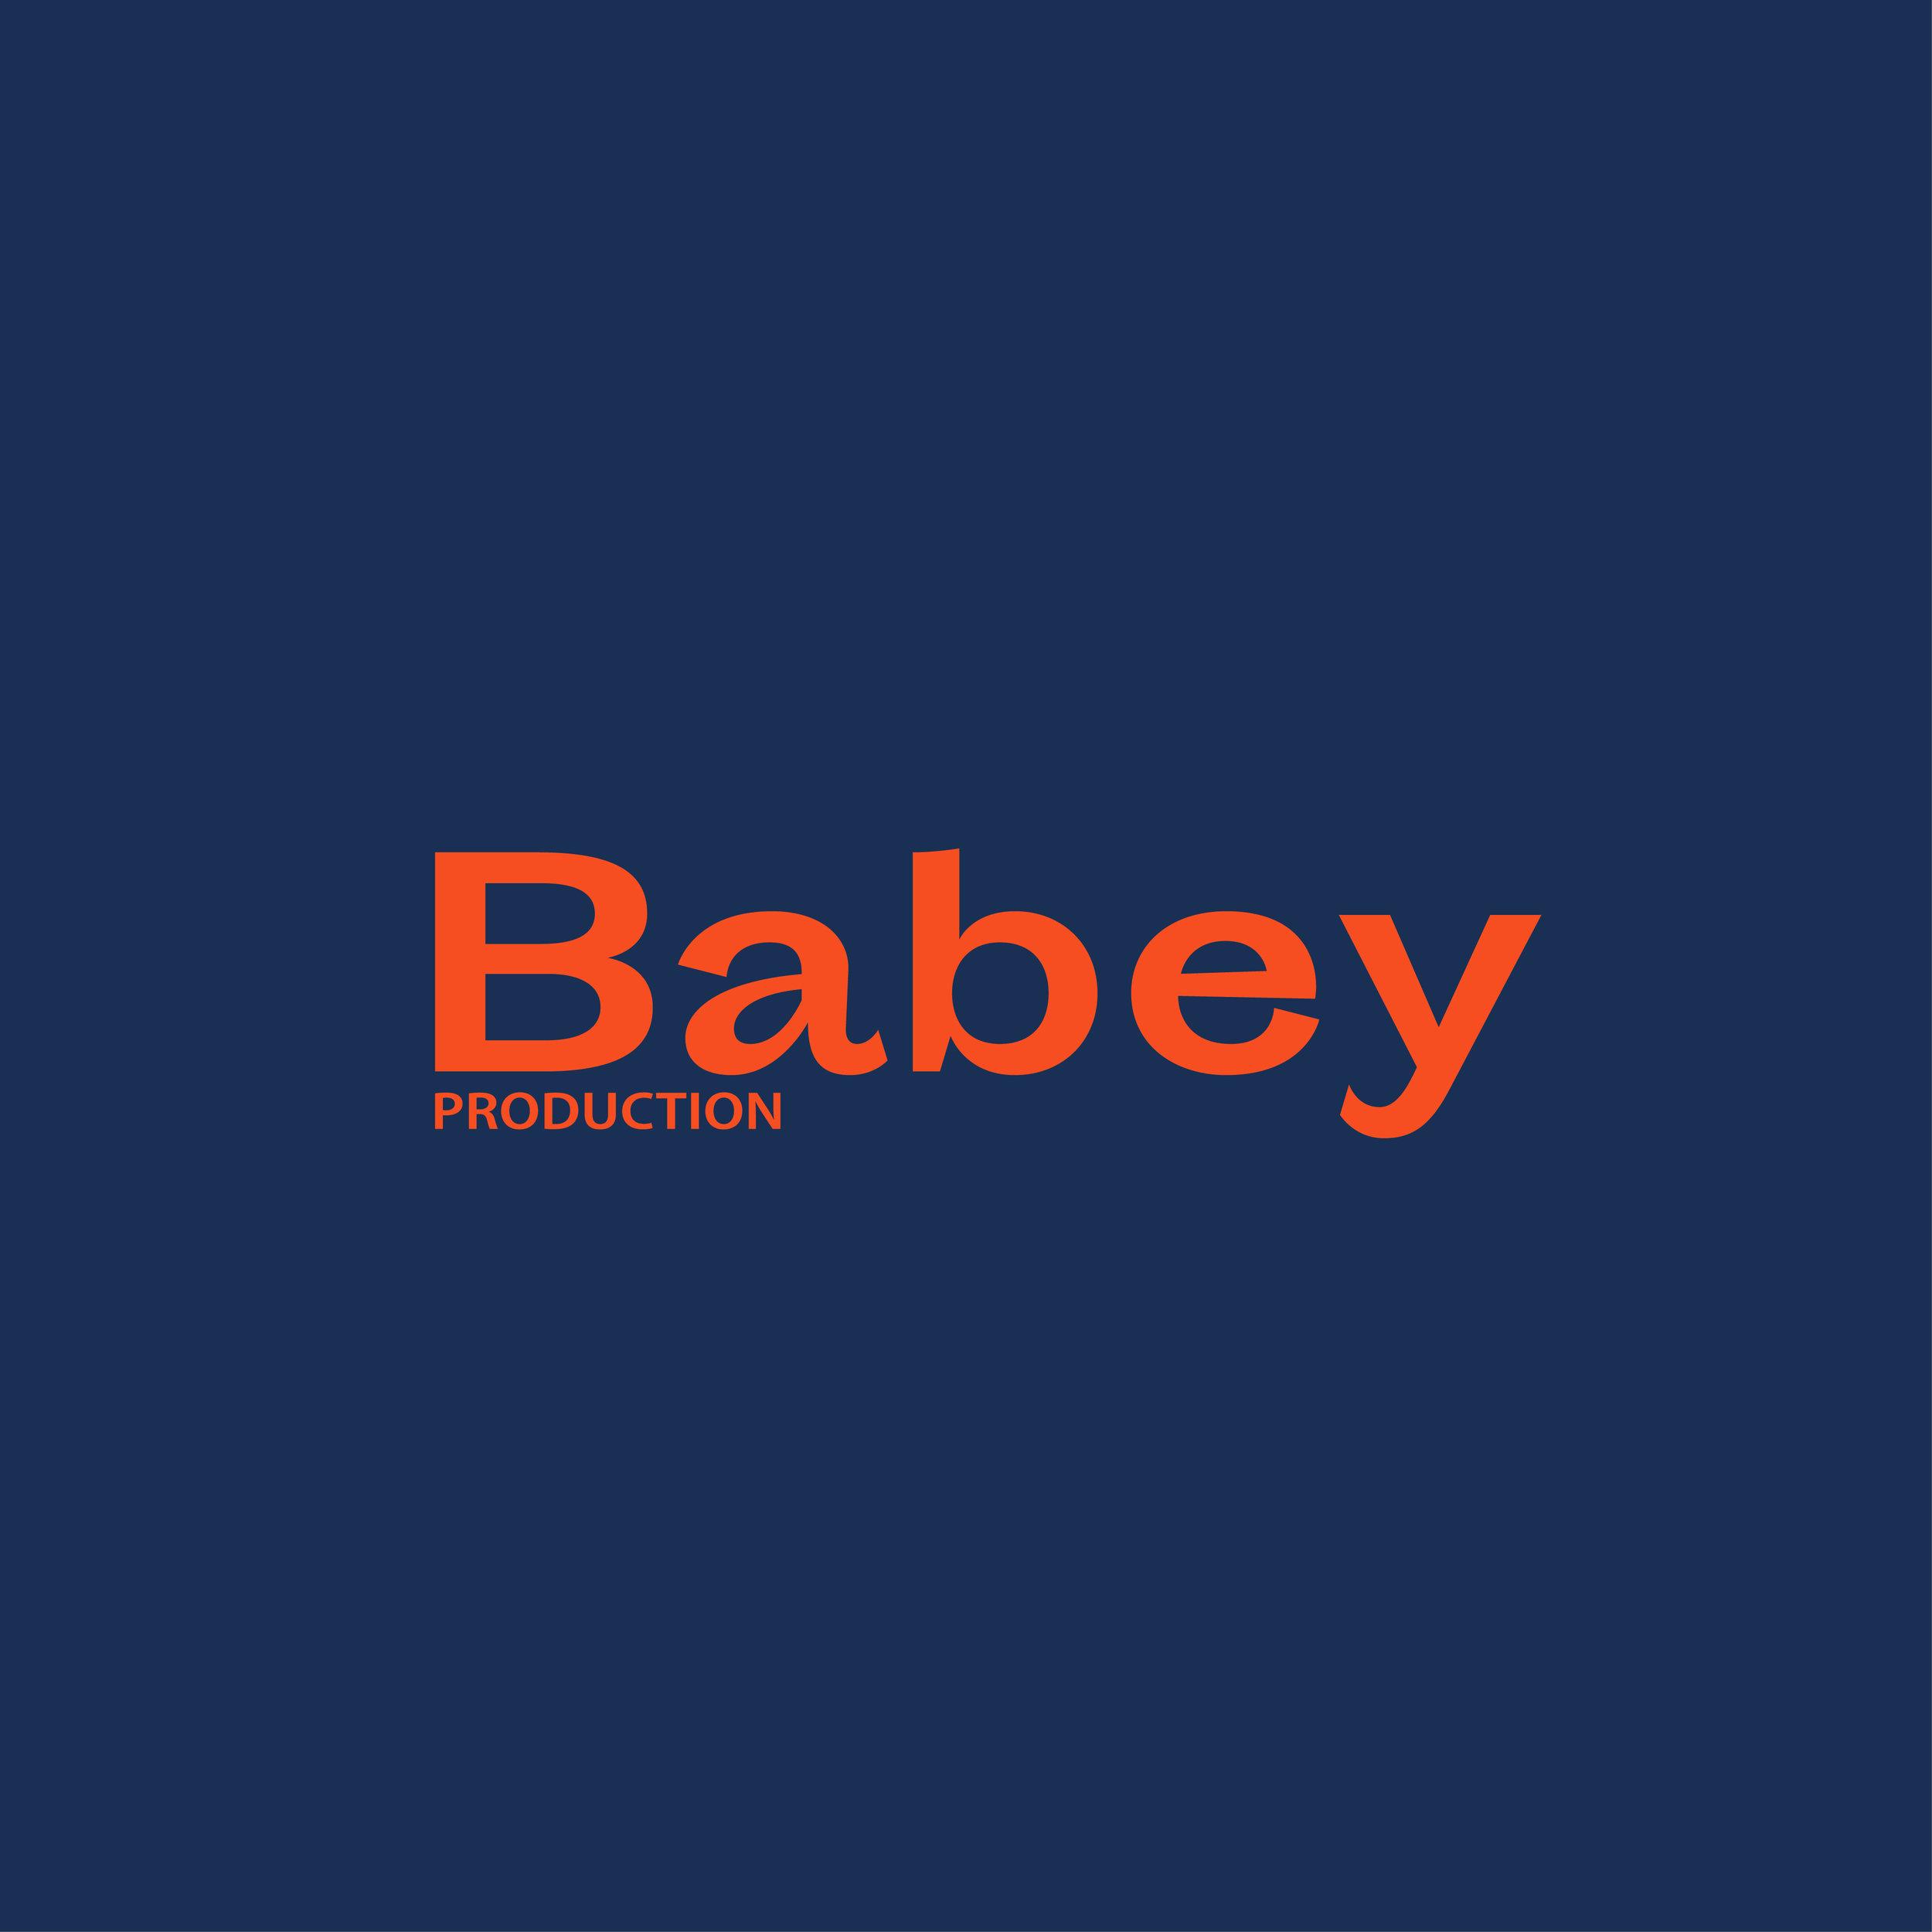 Logo Babey Production_V10_CS6V3.jpg